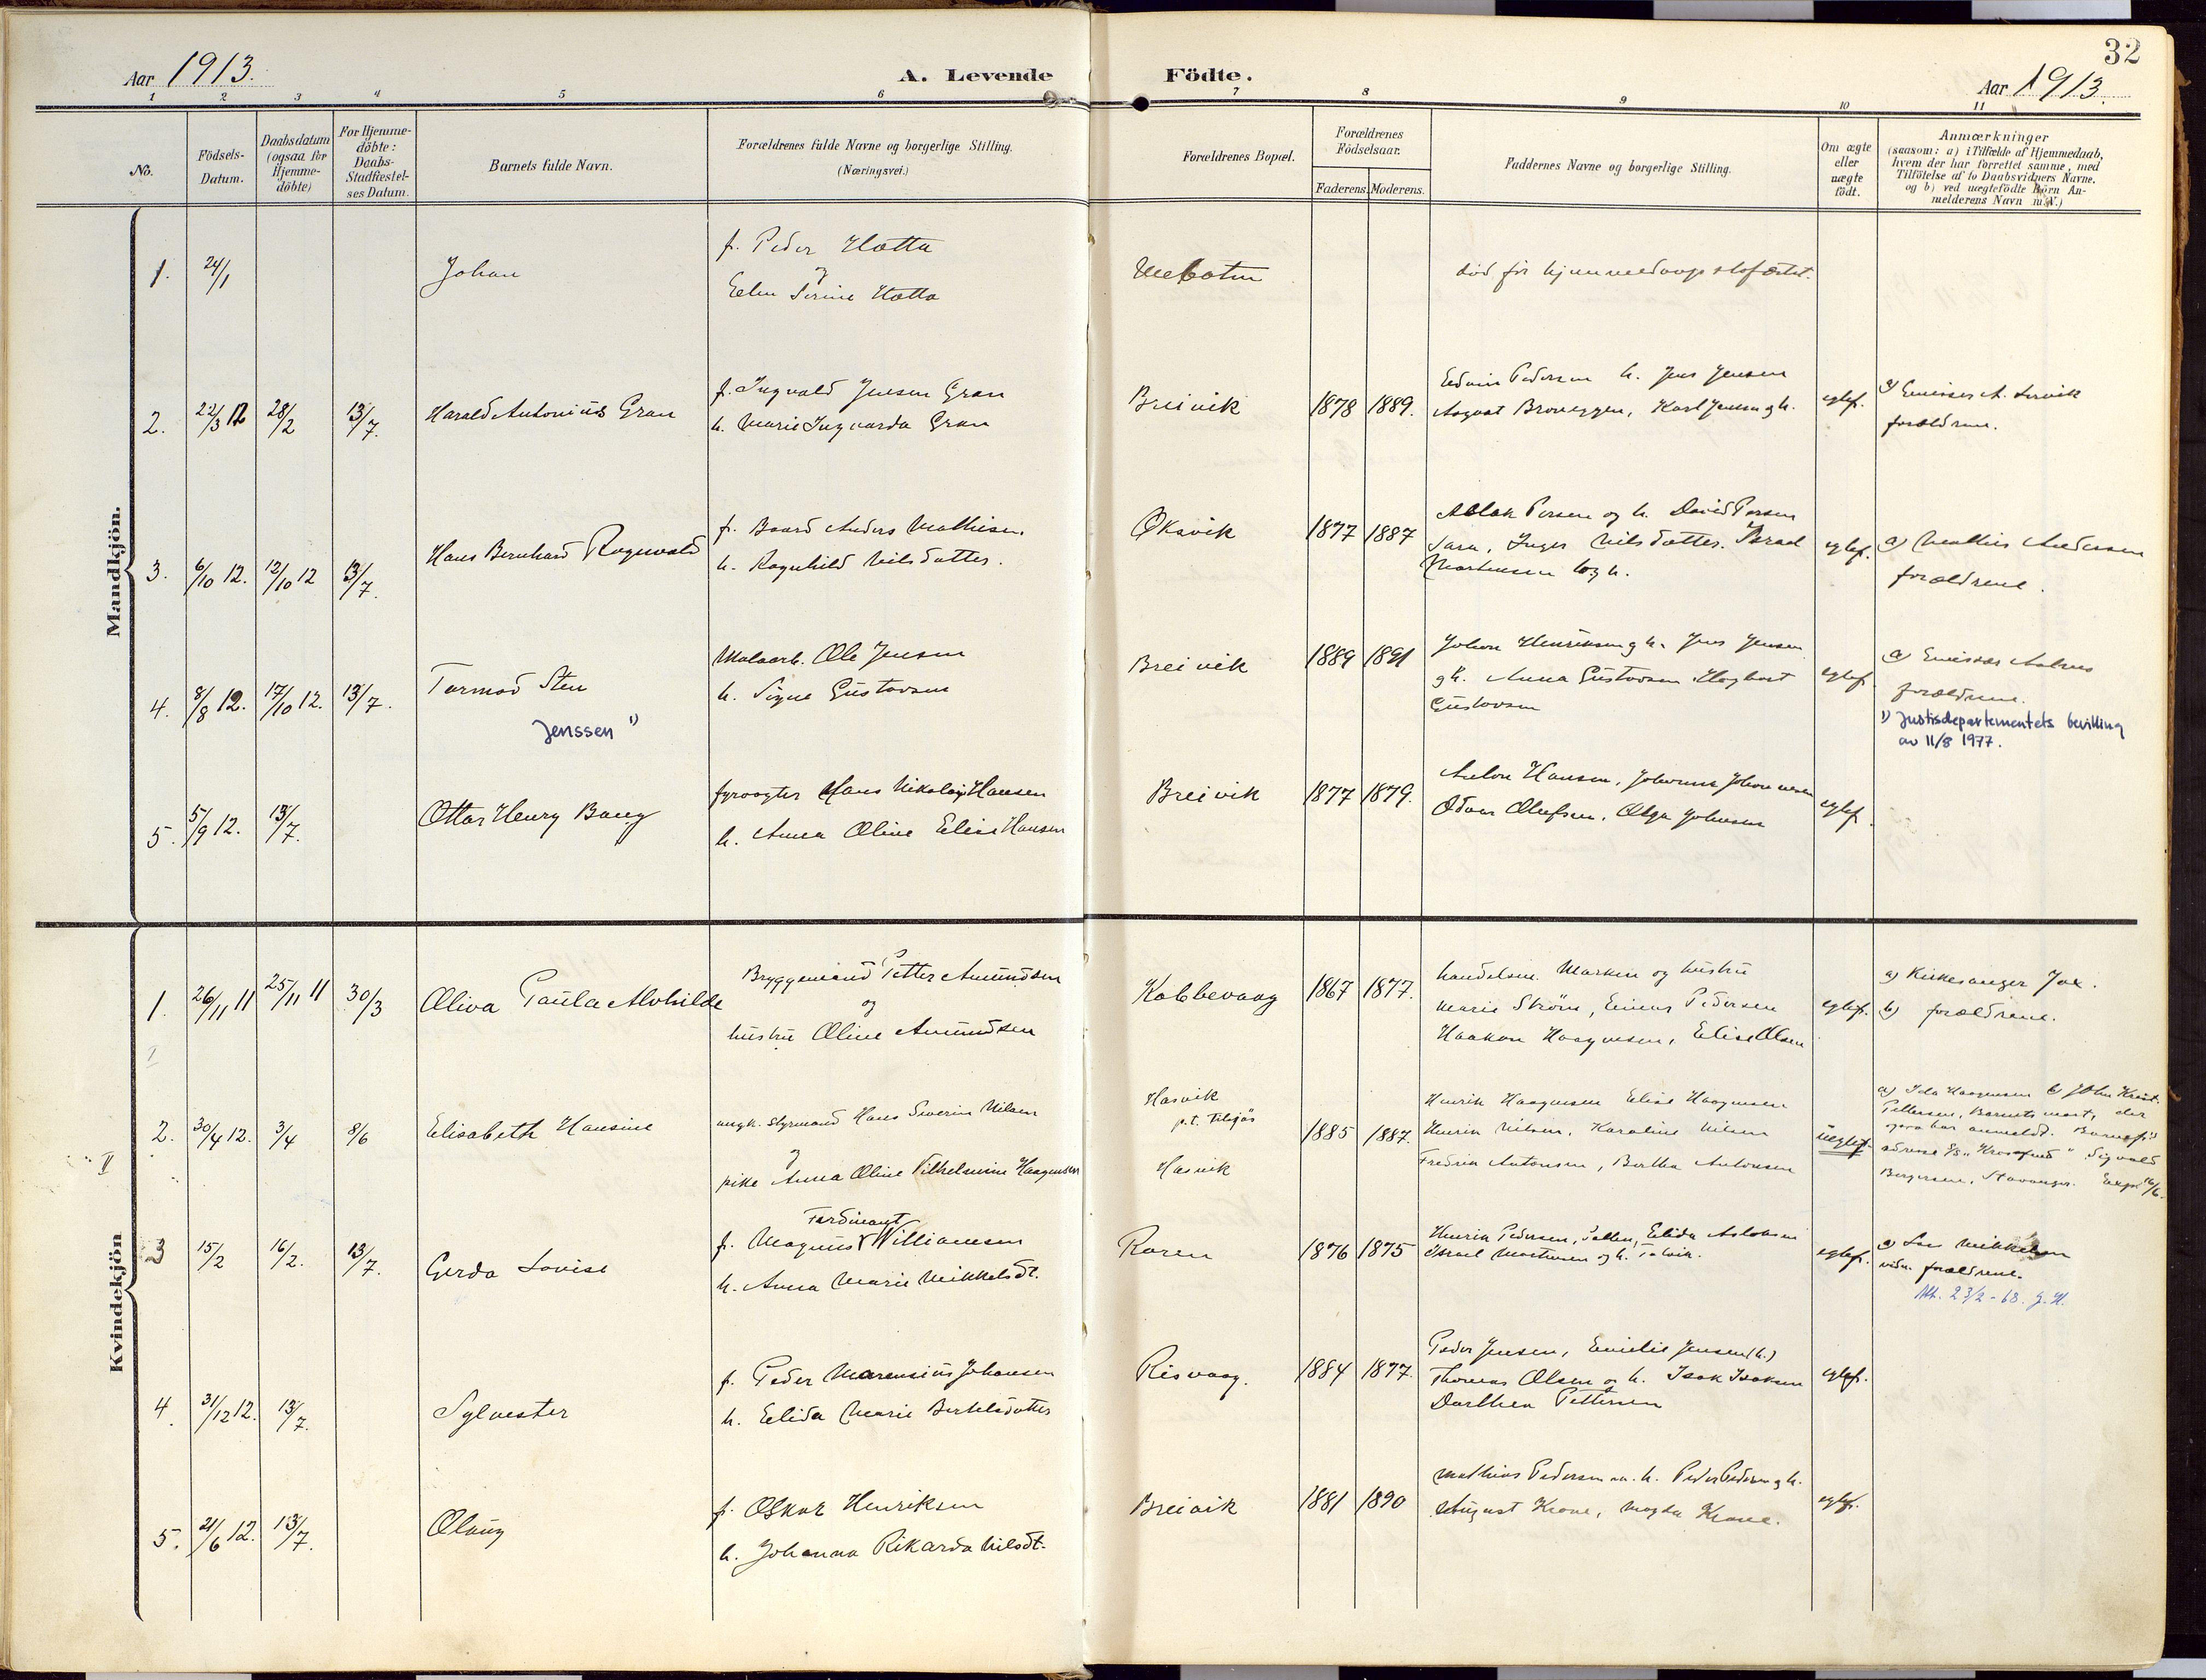 SATØ, Loppa sokneprestkontor, H/Ha/L0010kirke: Ministerialbok nr. 10, 1907-1922, s. 32